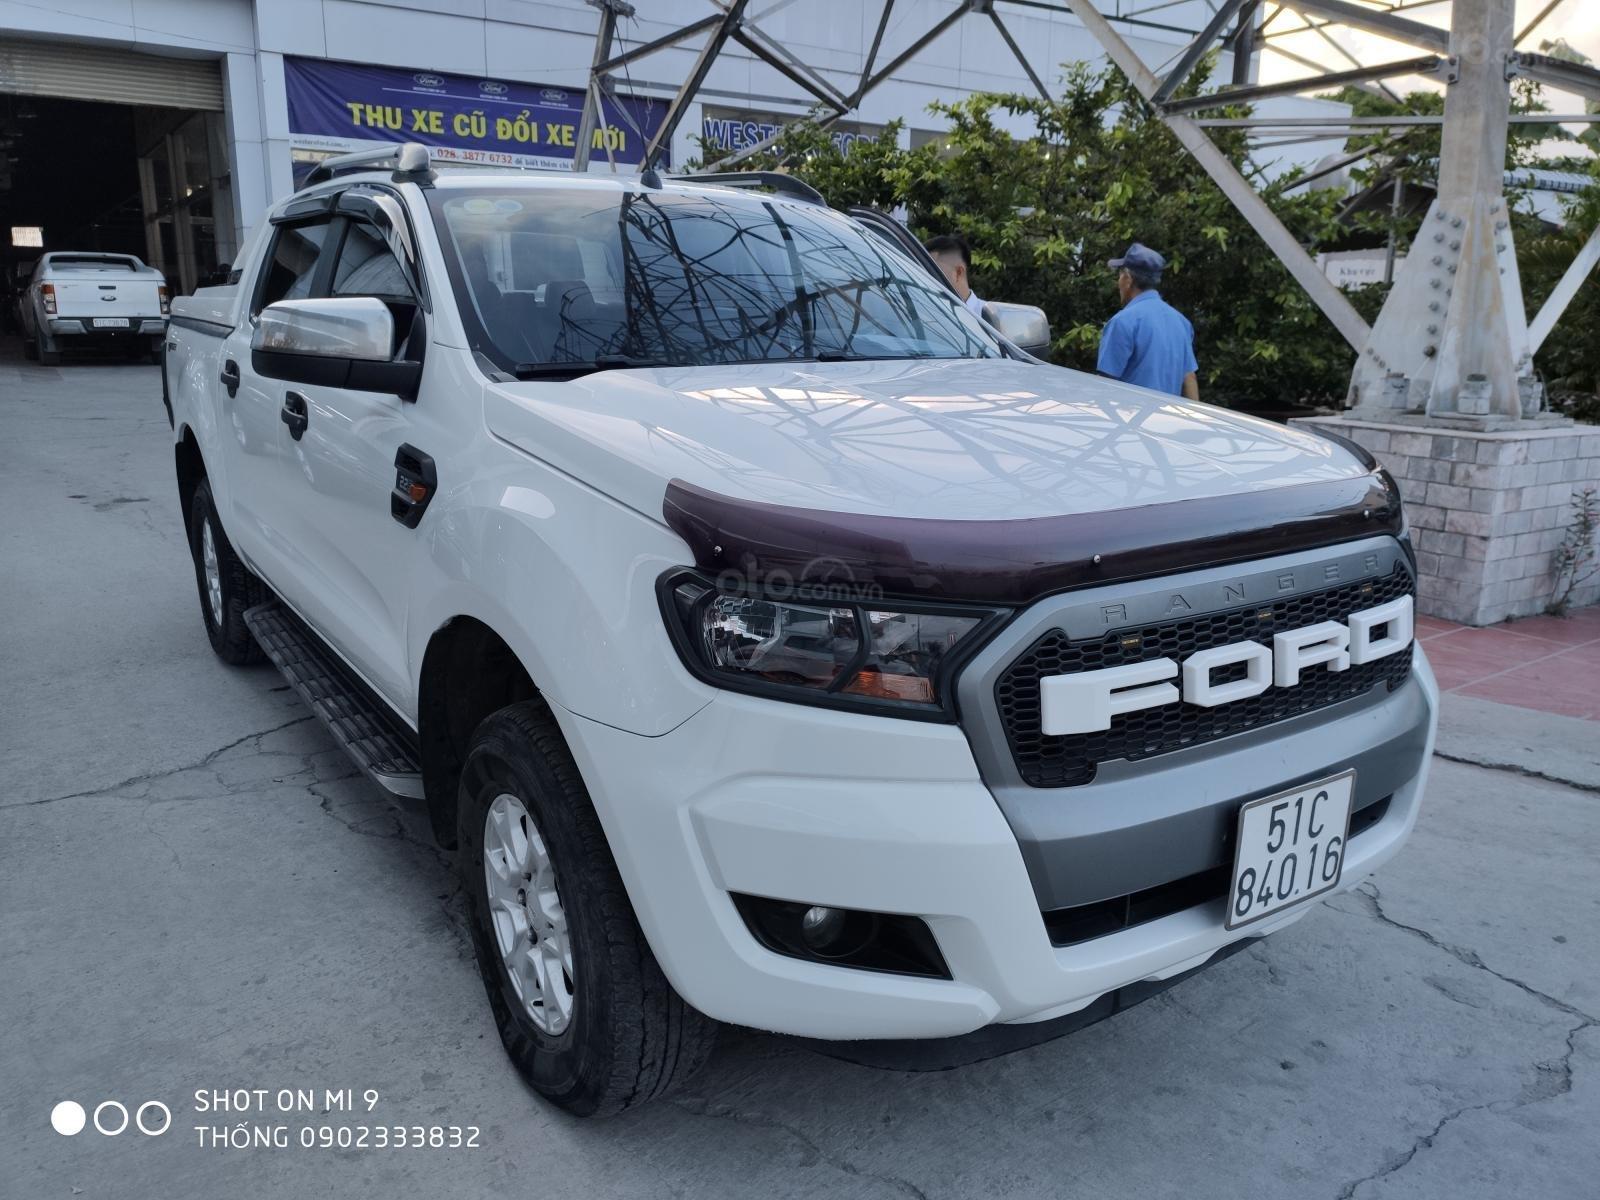 Ranger XLS số sàn, xe chất đời 2016, xe mới như hình, bán và bảo hành chính hãng Ford (2)